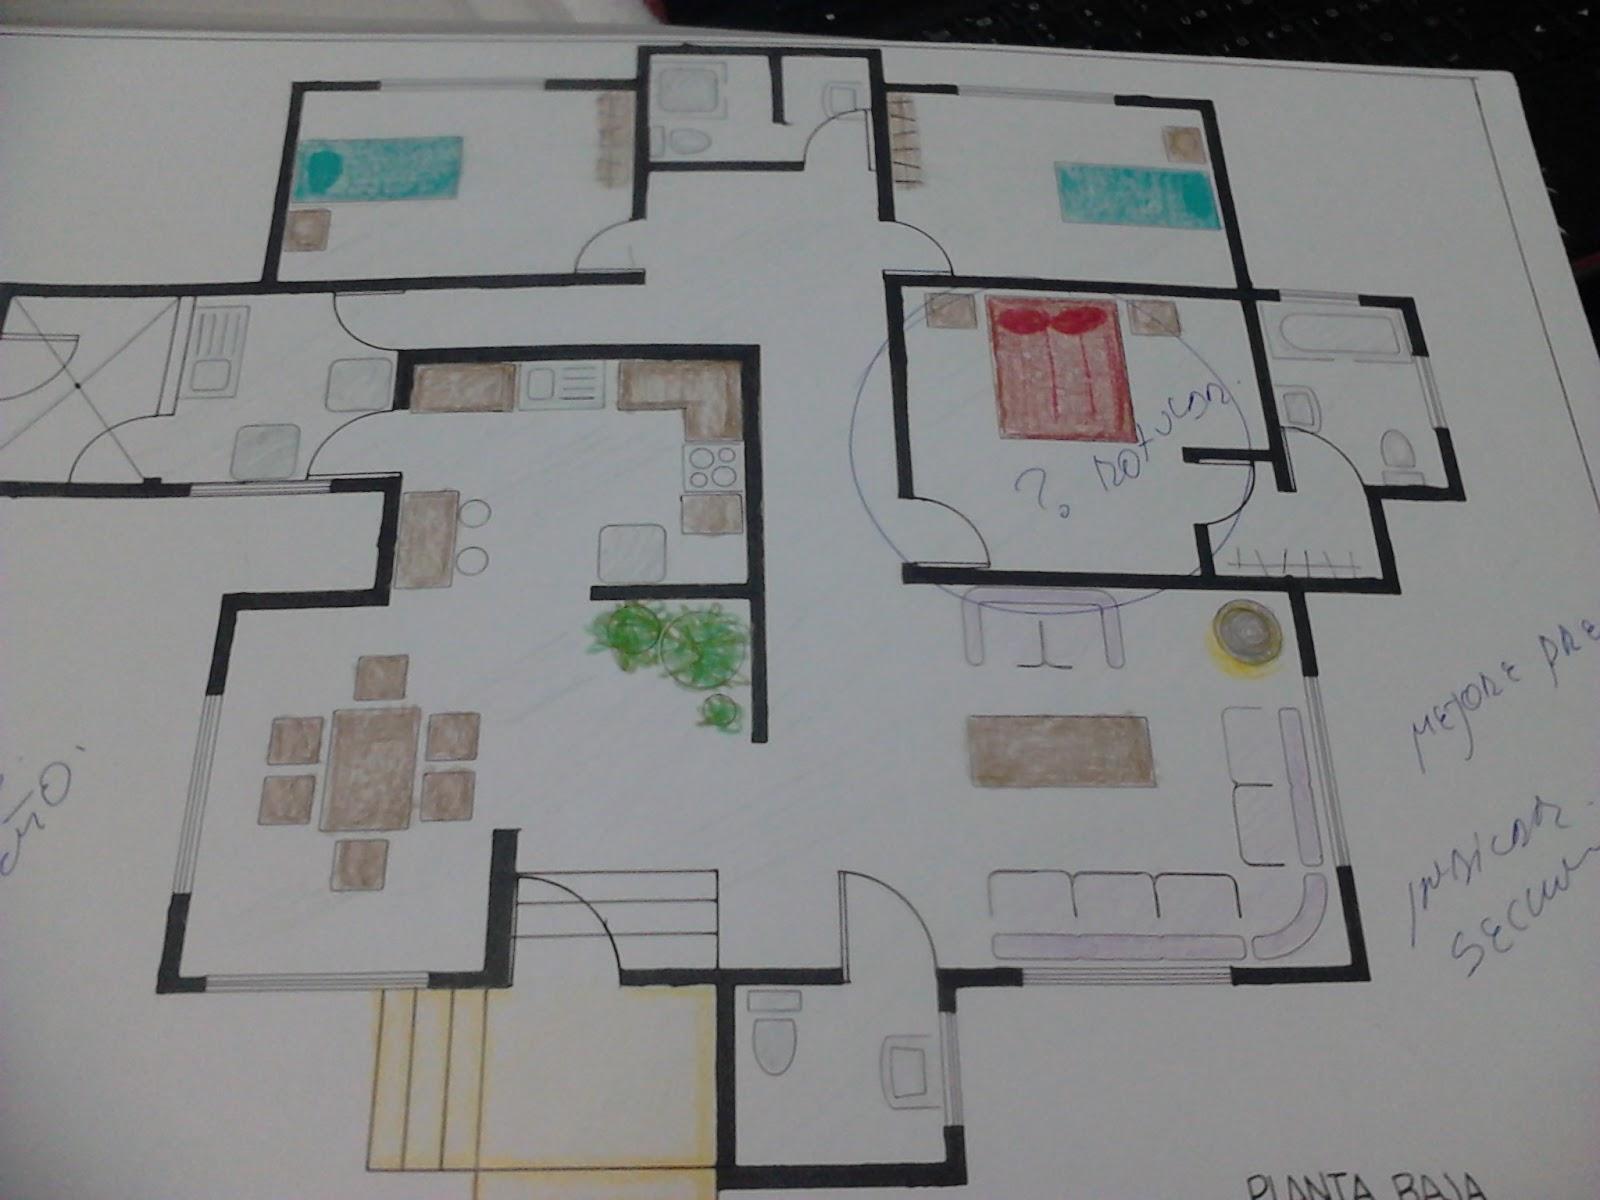 Arquitectura for Que es una planta arquitectonica